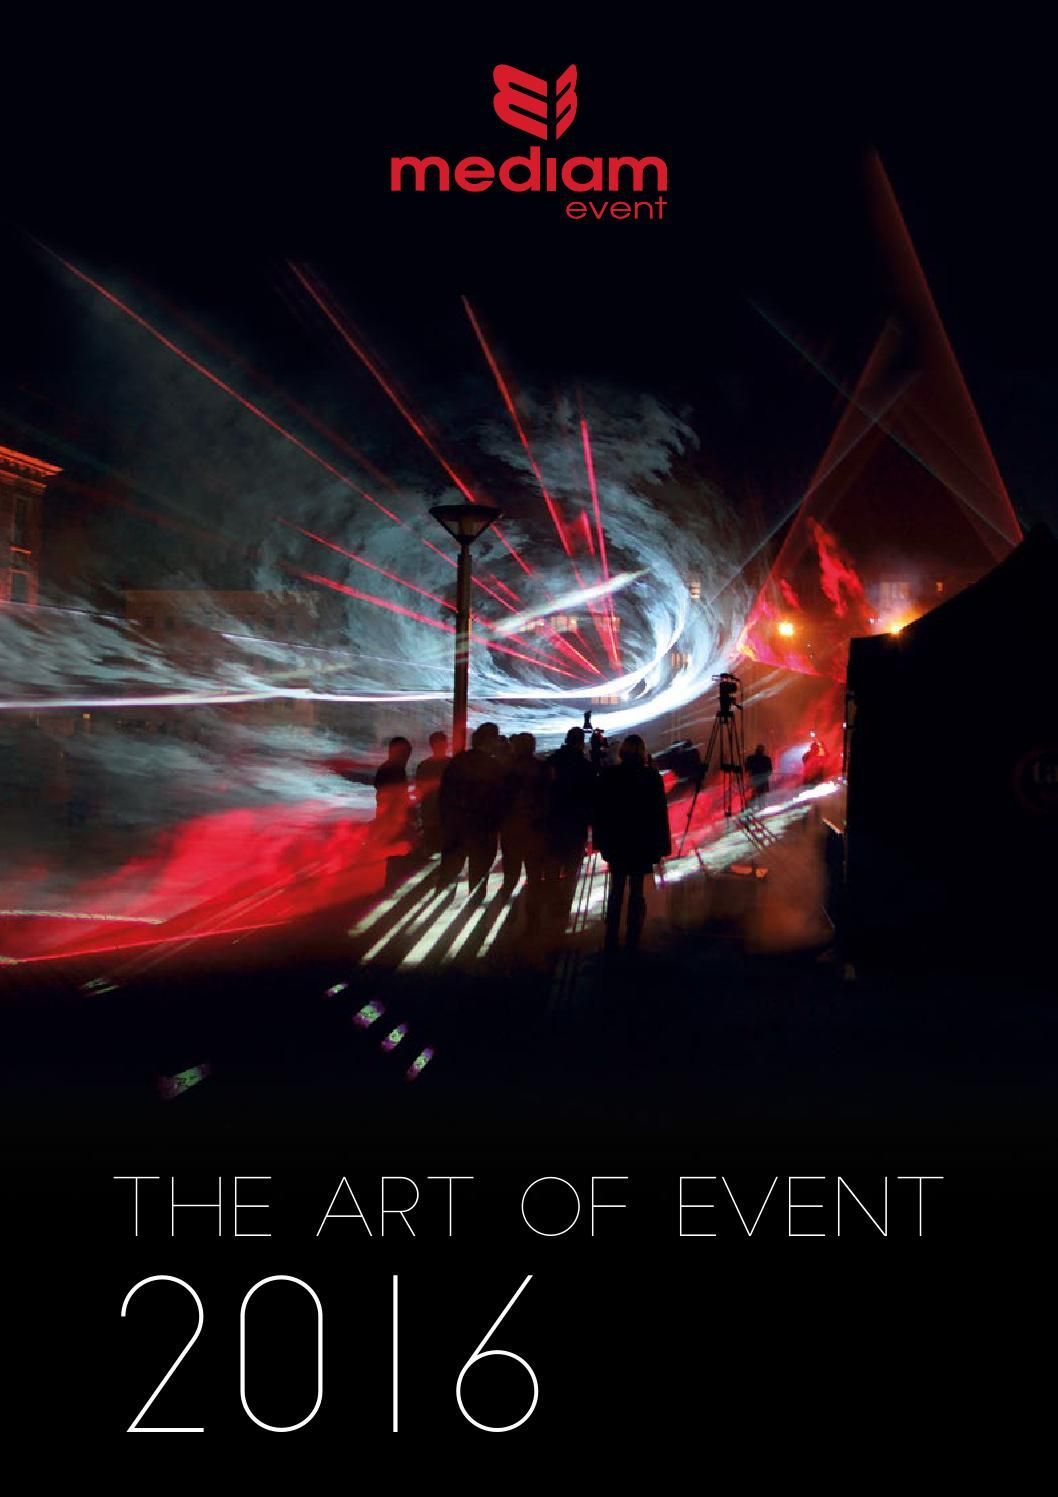 16 mediam event katalog